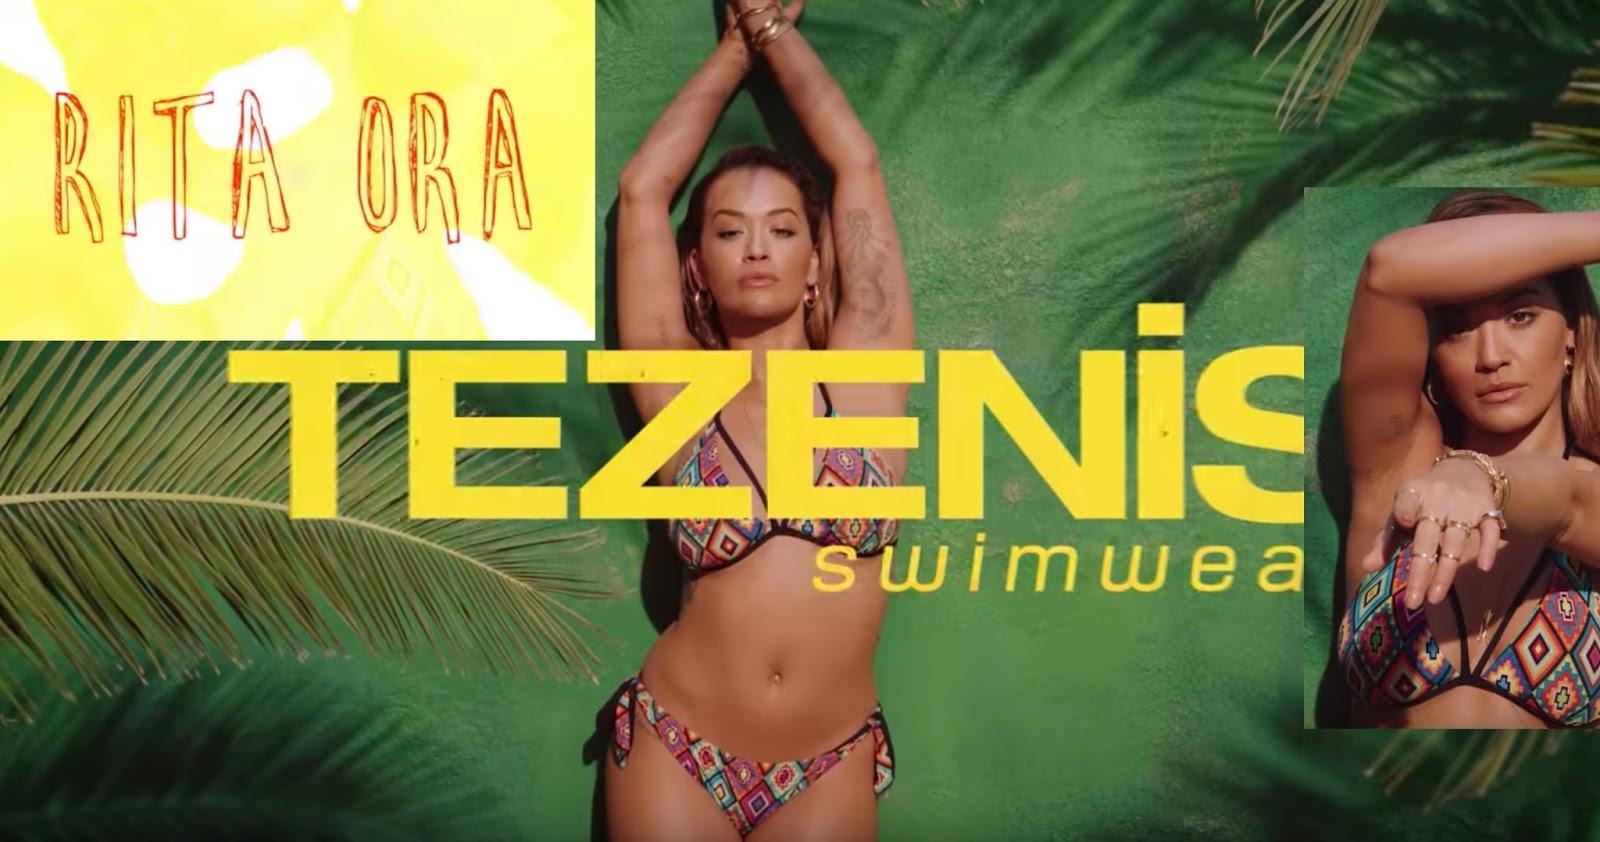 Canzone Tezenis pubblicità 2017 Rita Ora - Spot collezione costumi di Maggio